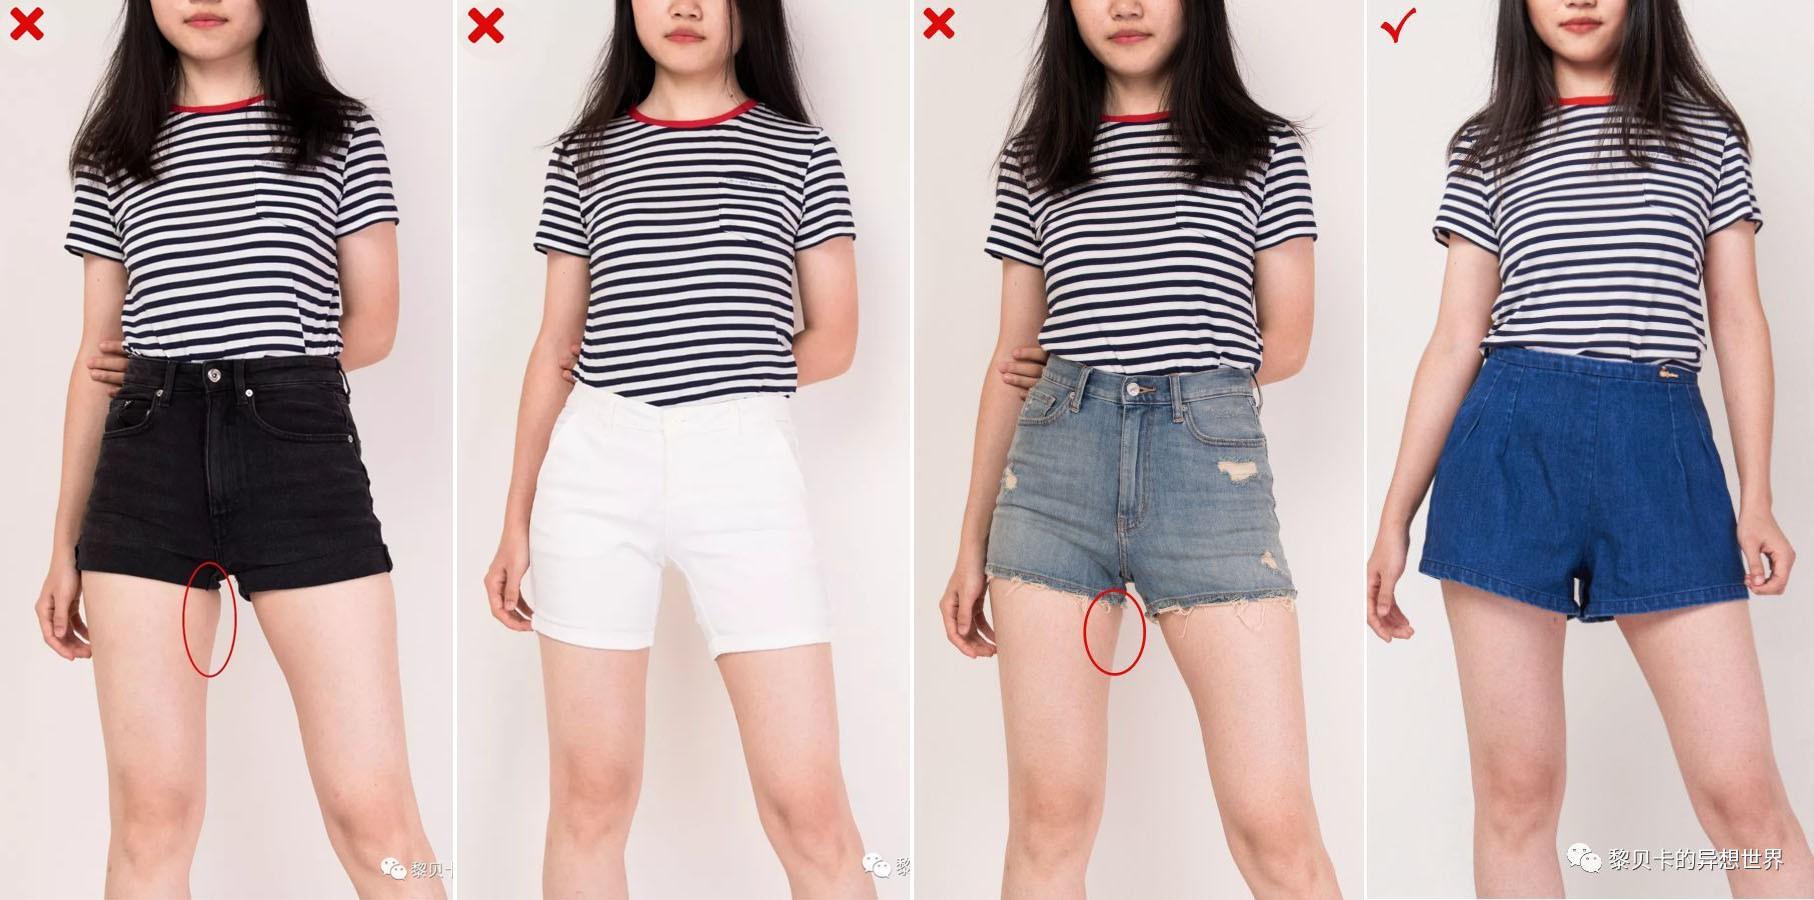 """Quần shorts thì ai cũng mặc nhưng bí kíp để chọn được kiểu quần """"nịnh dáng"""" nhất thì không phải ai cũng biết - Ảnh 4."""